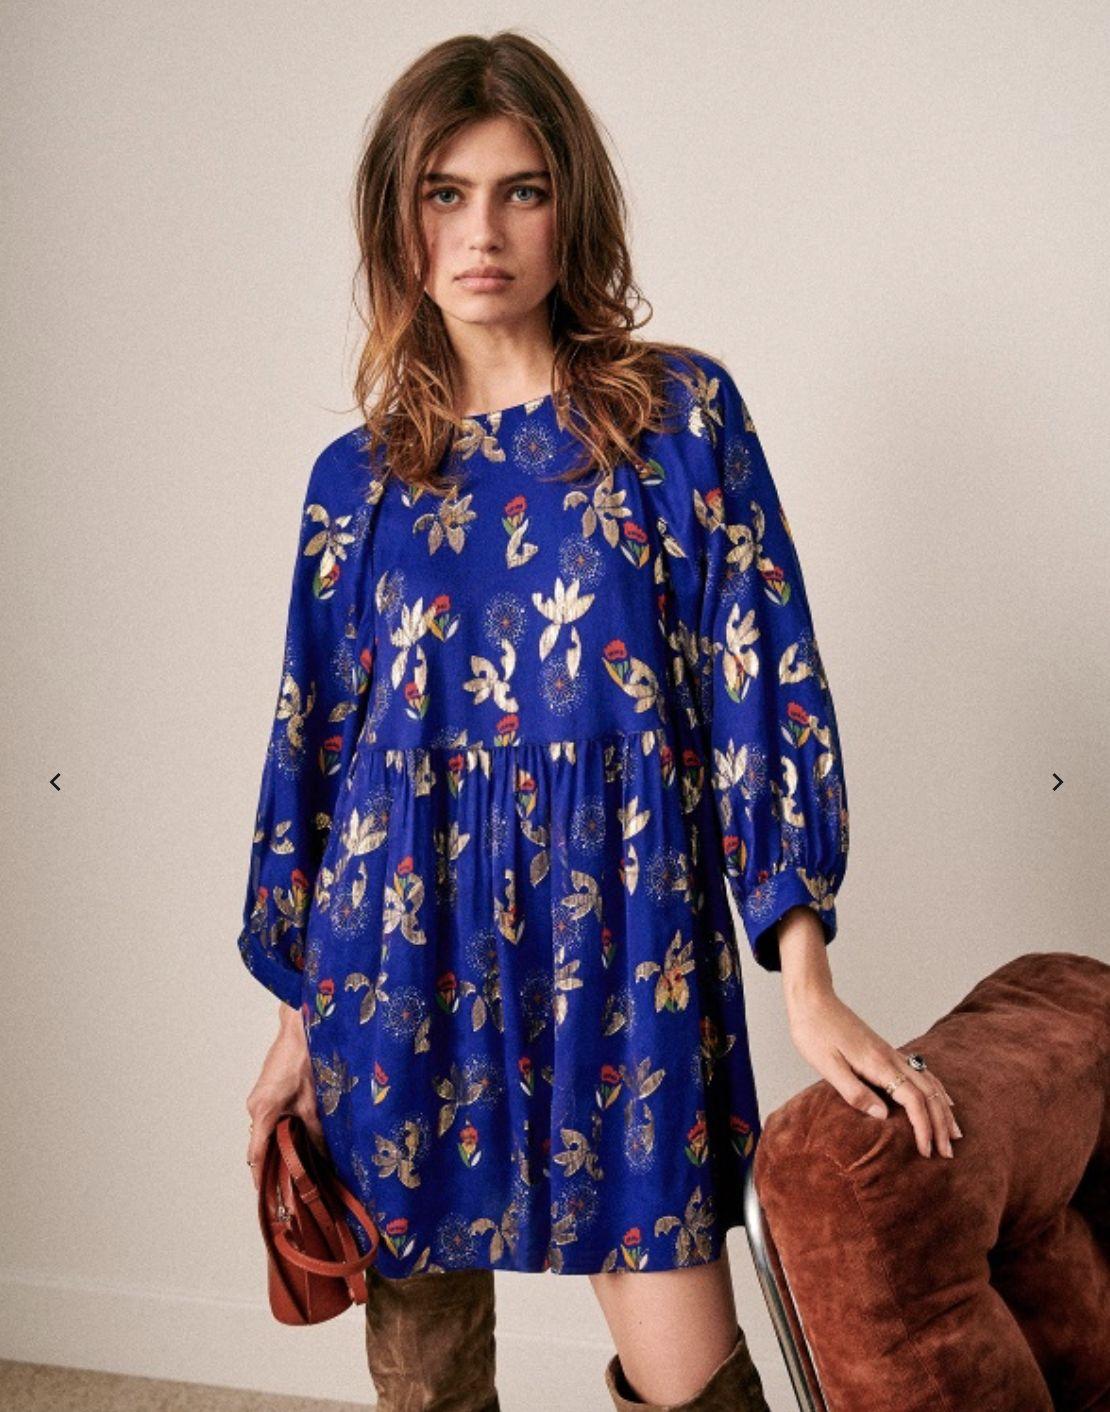 Grace Dress, Sezane Fall 2019 Collection